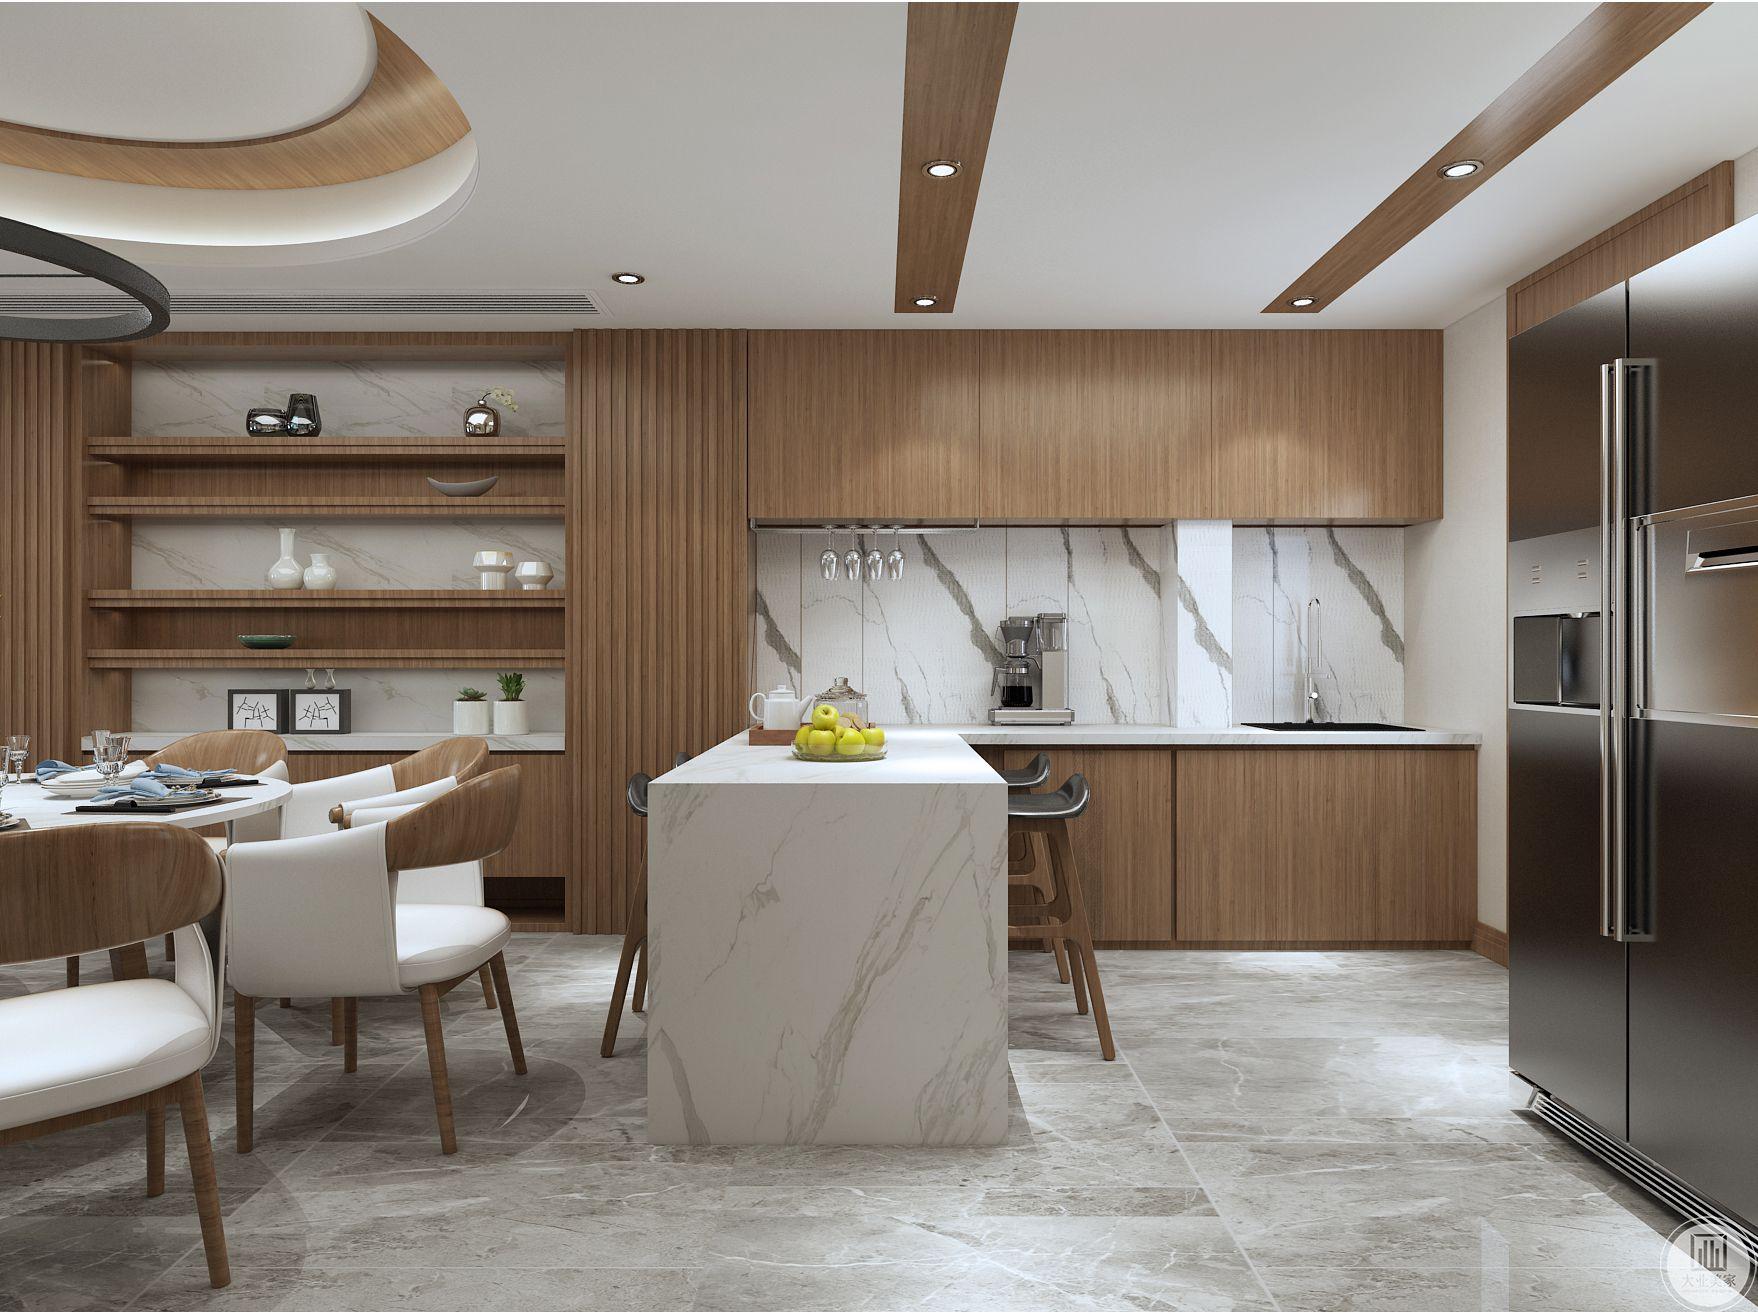 西餐区做了白色大理石面吧台,为餐厅营造了温馨的氛围。靠墙定制了储物柜,让整个看起来整齐、干净、利落。